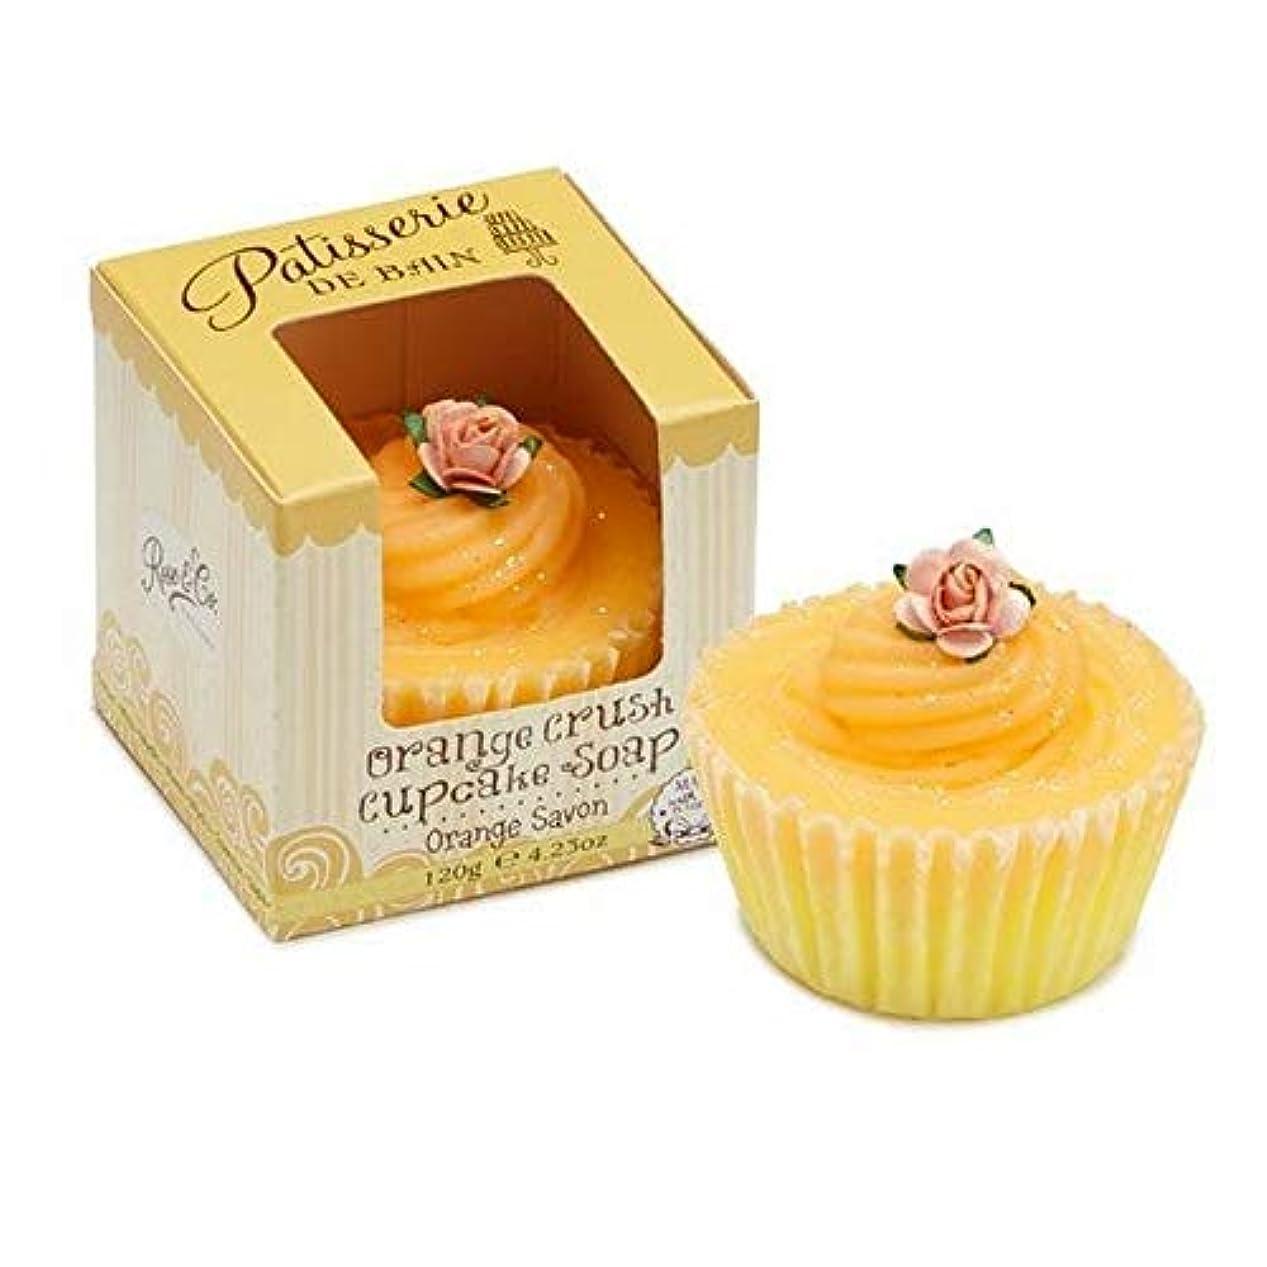 だます明るくするかりて[Patisserie de Bain ] パティスリー?ド?ベインオレンジクラッシュカップケーキソープ120グラム - Patisserie de Bain Orange Crush Cupcake soap 120g...